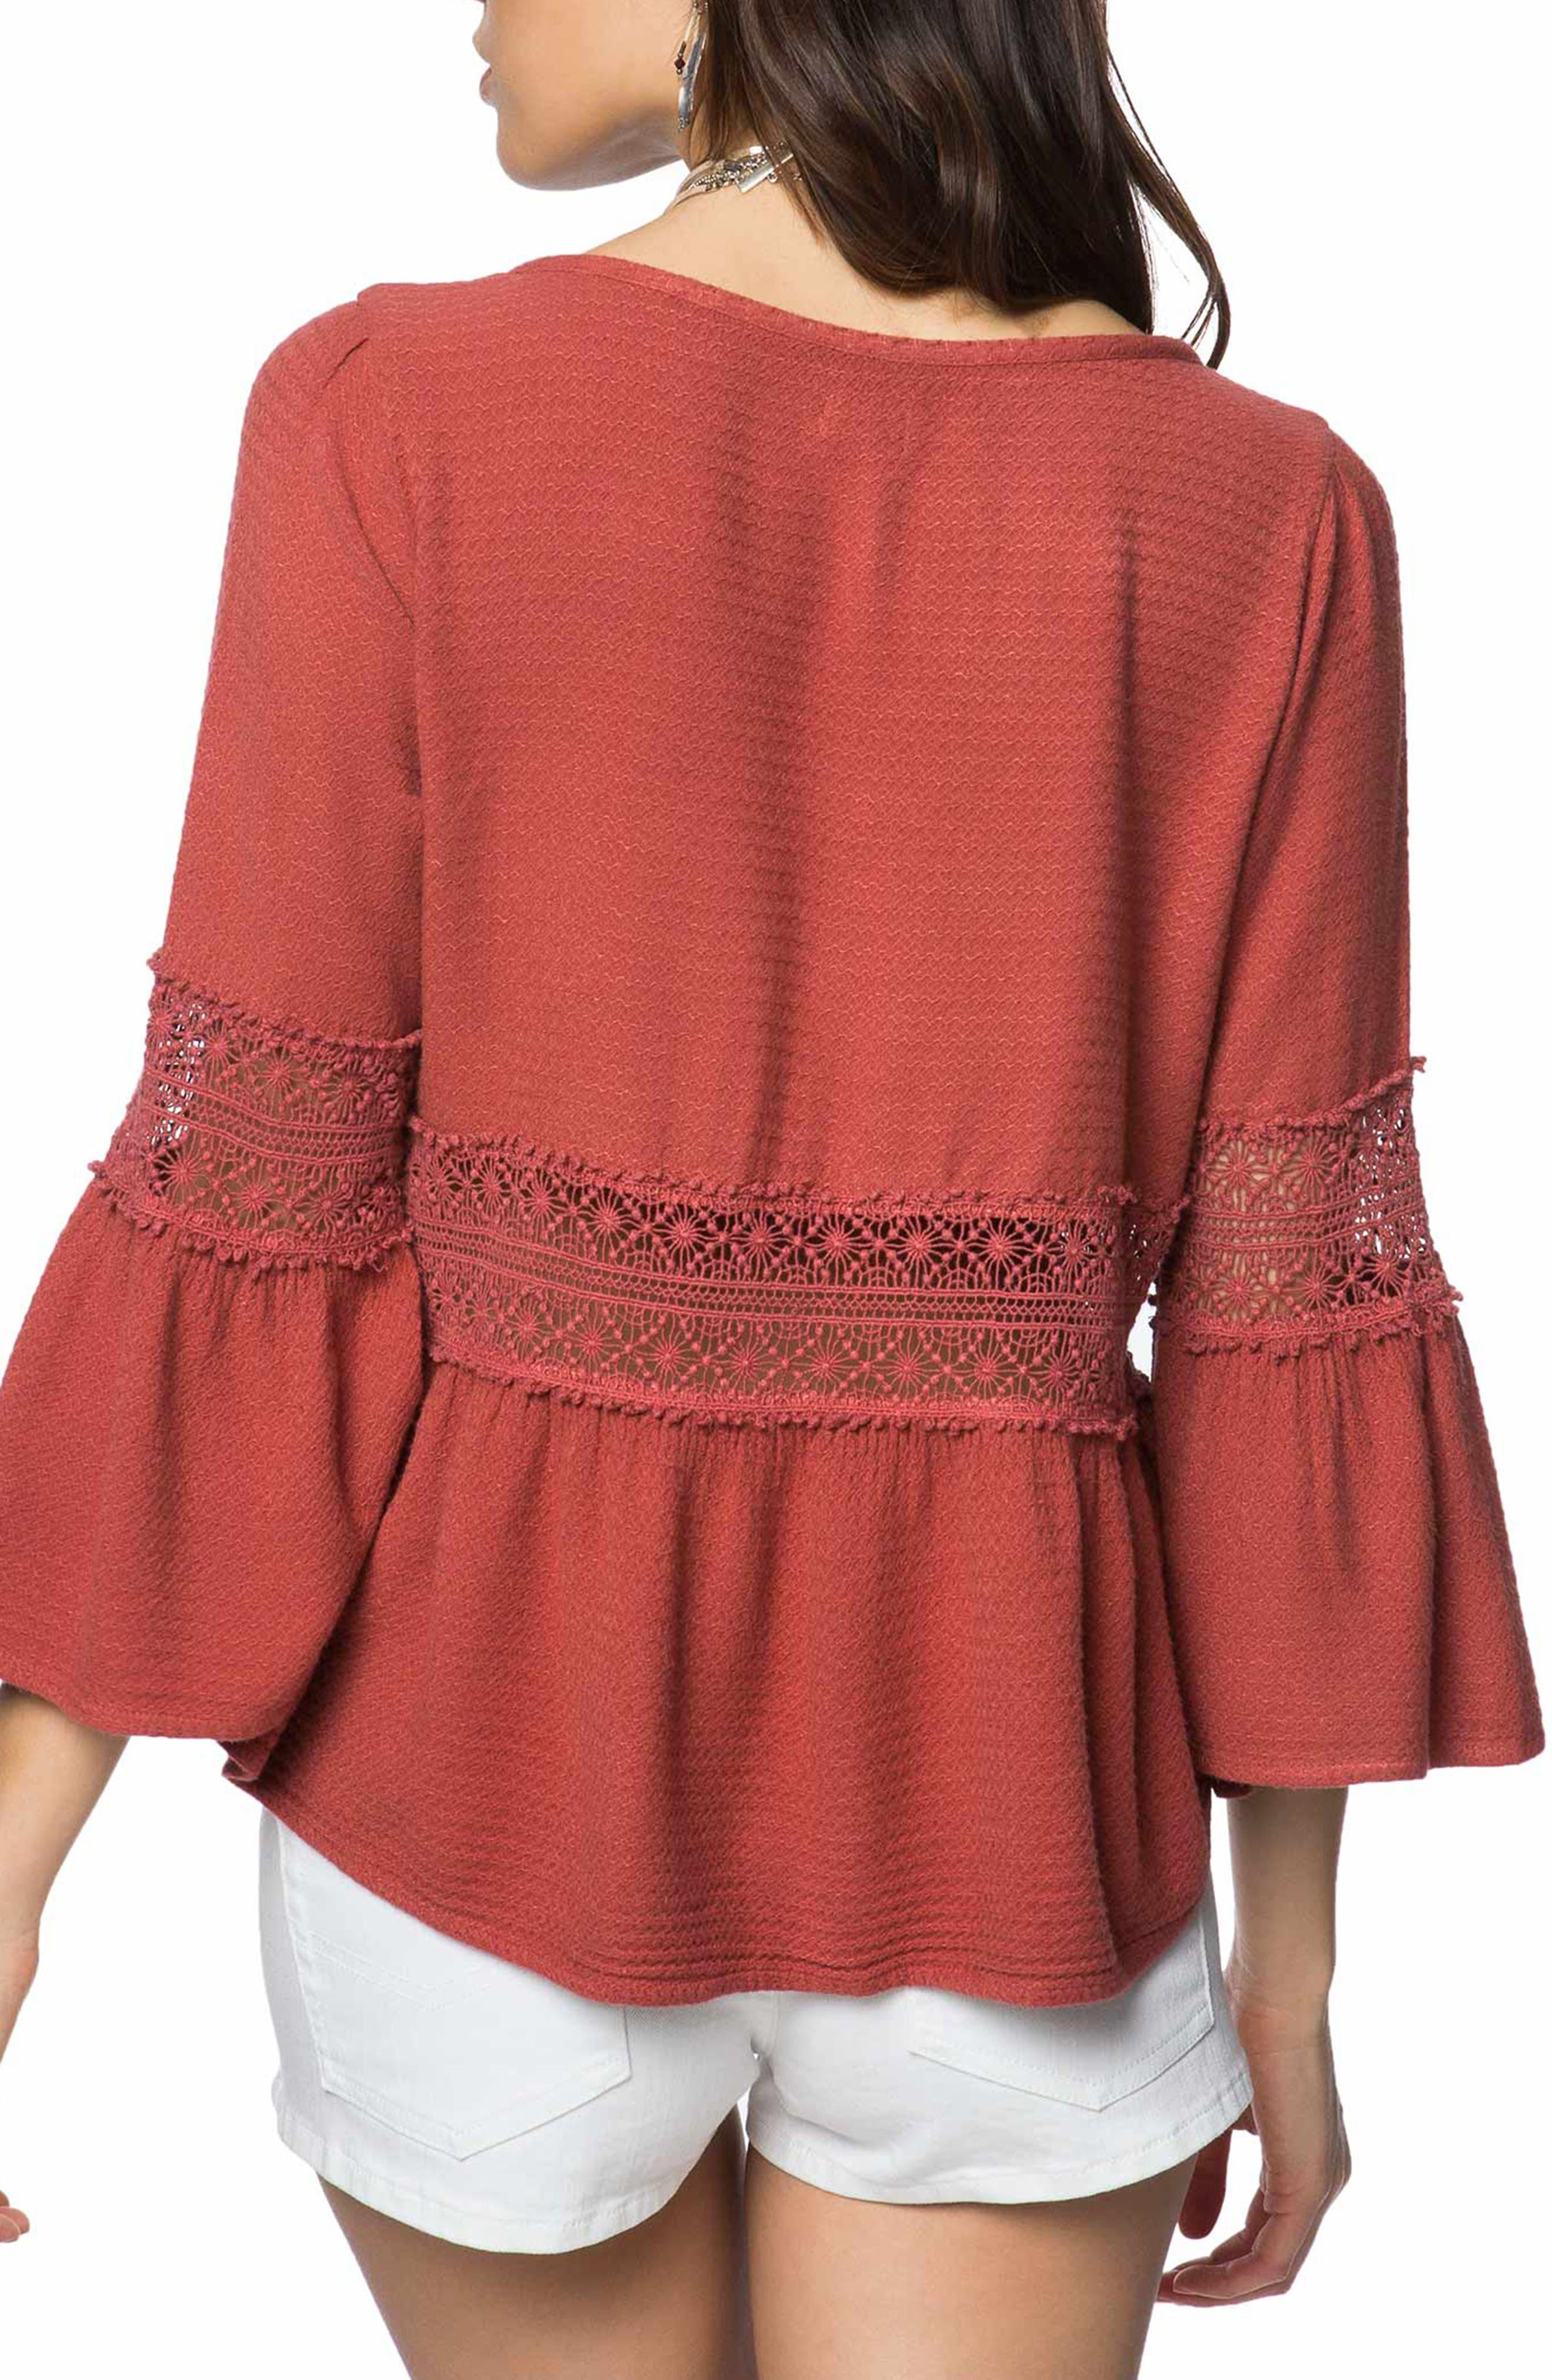 Utah Crochet Top,                             Alternate thumbnail 2, color,                             Burnt Henna